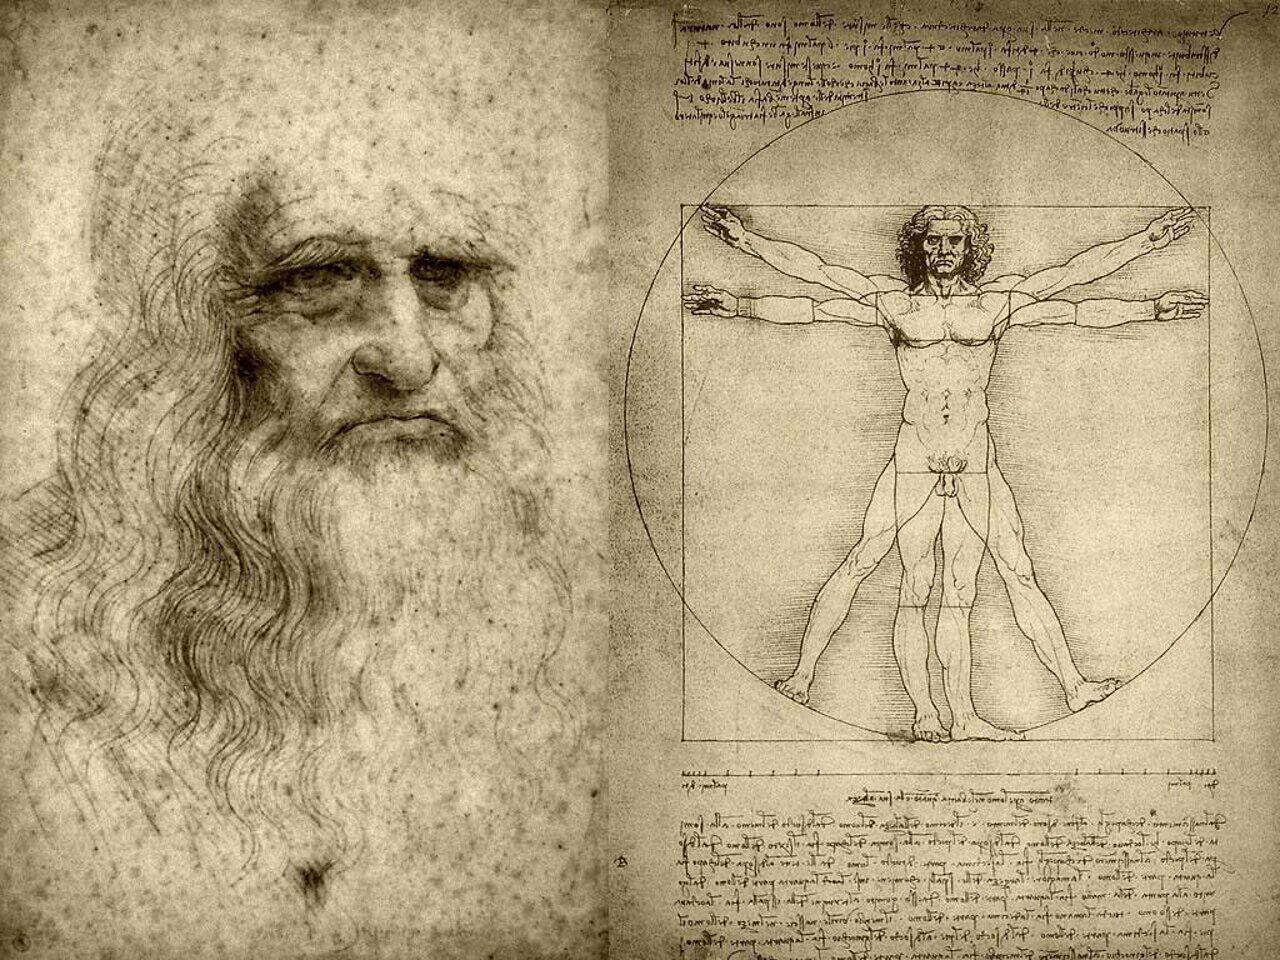 Леонардо Да Винчи и Катерина Корнаро – «химический союз сердец». Часть 2